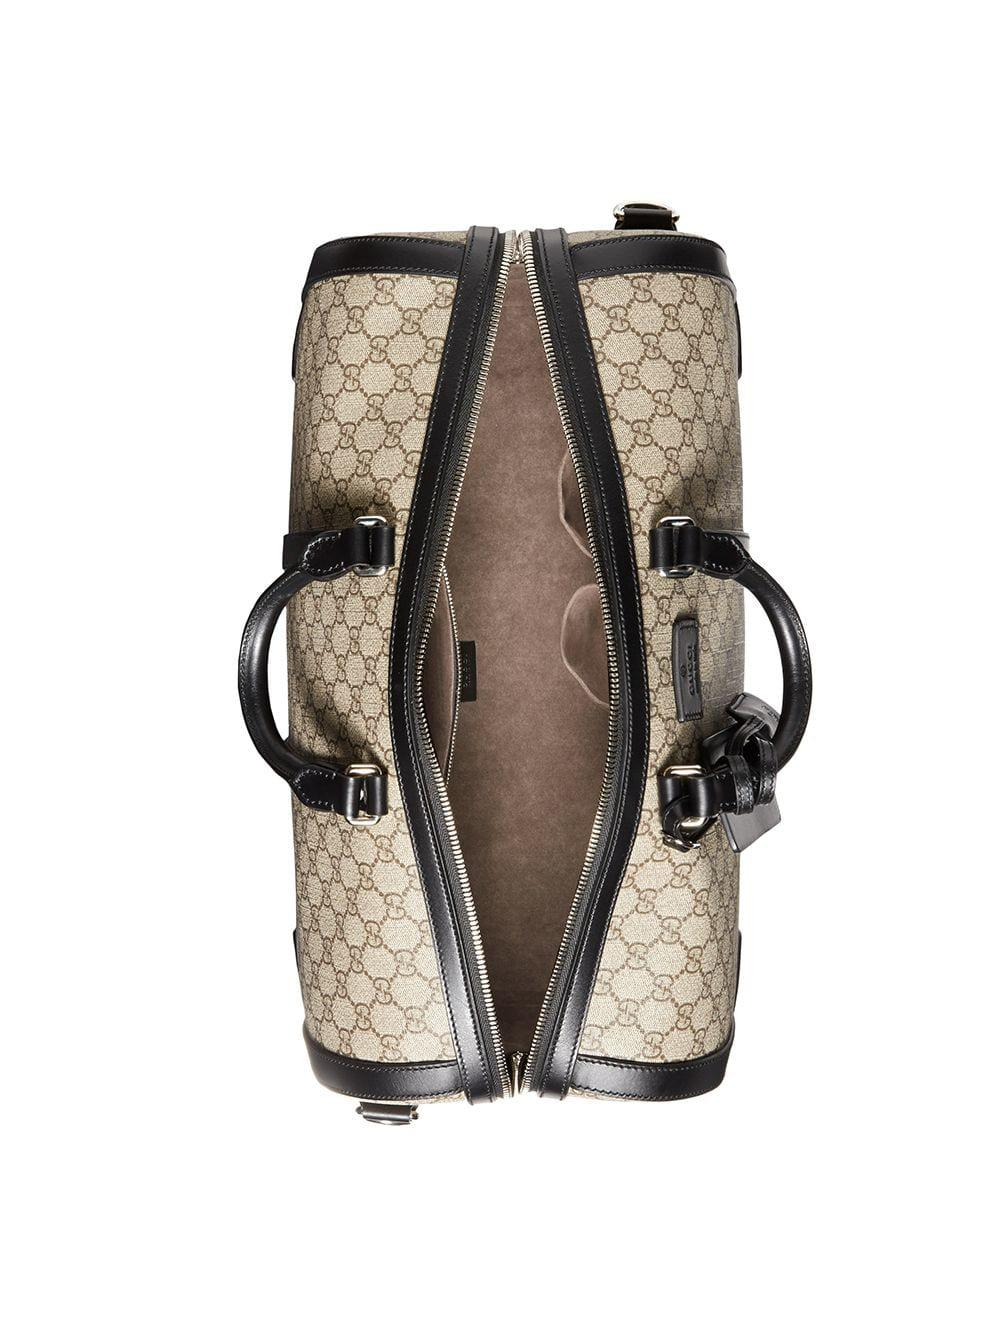 Lyst - Sac de voyage GG Supreme Gucci pour homme f6ad8881657